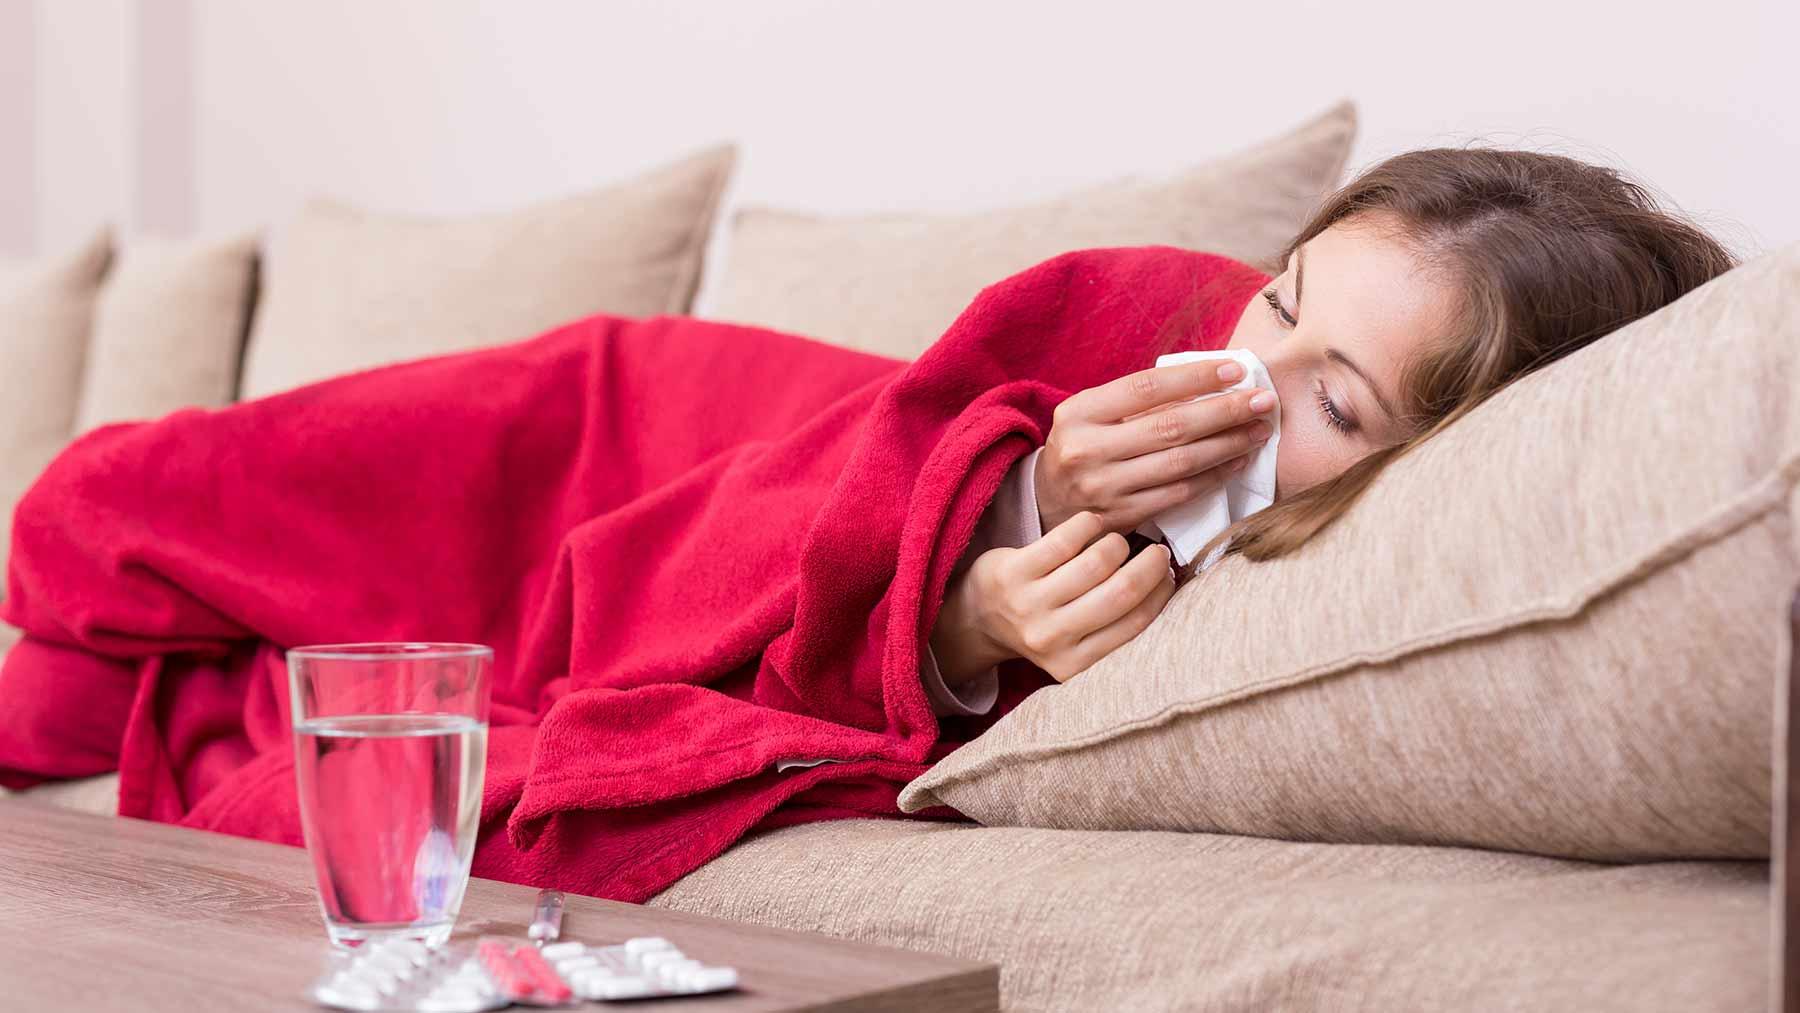 Lagere weerstand: hoe voorkomt u de griep?